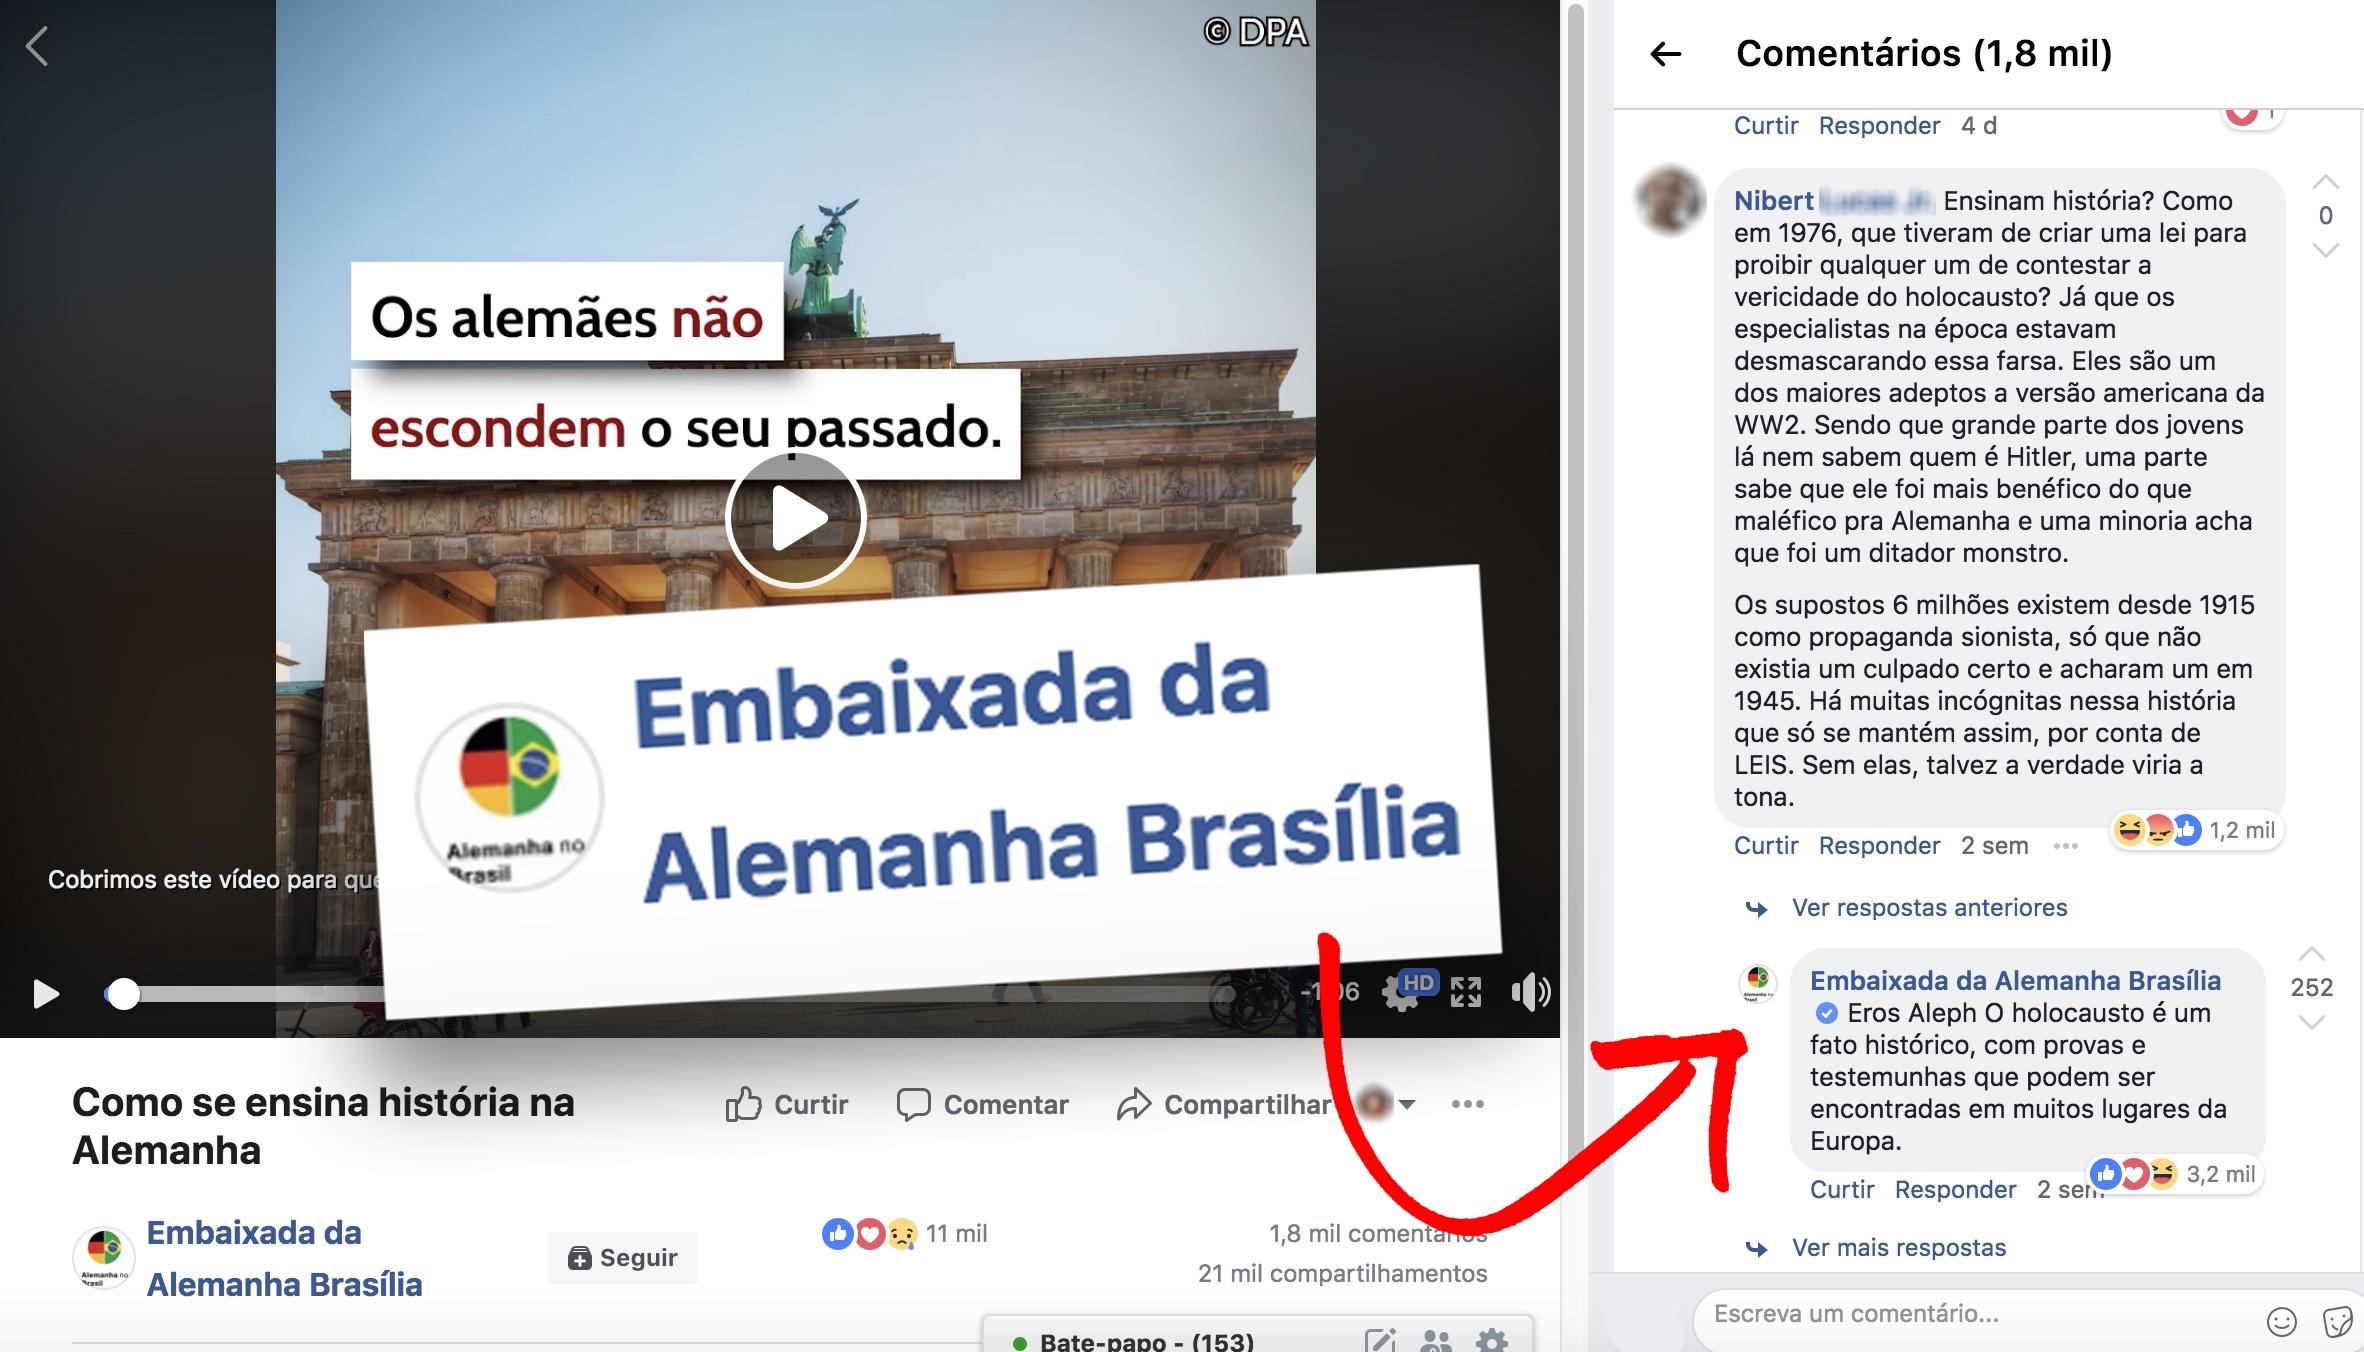 Embaixada da Alemanha - Facebook - Reprodução, https://www.facebook.com/EmbaixadaAlemanha/videos/1658739200897794/